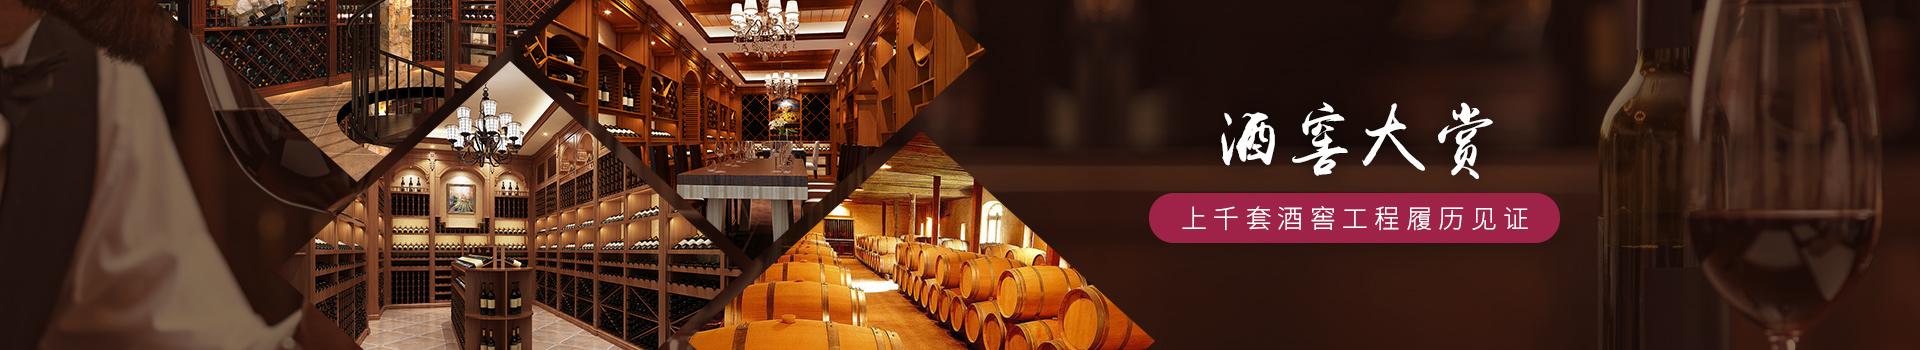 爱士图尔-酒窖大赏,上千套酒窖工程履历见证